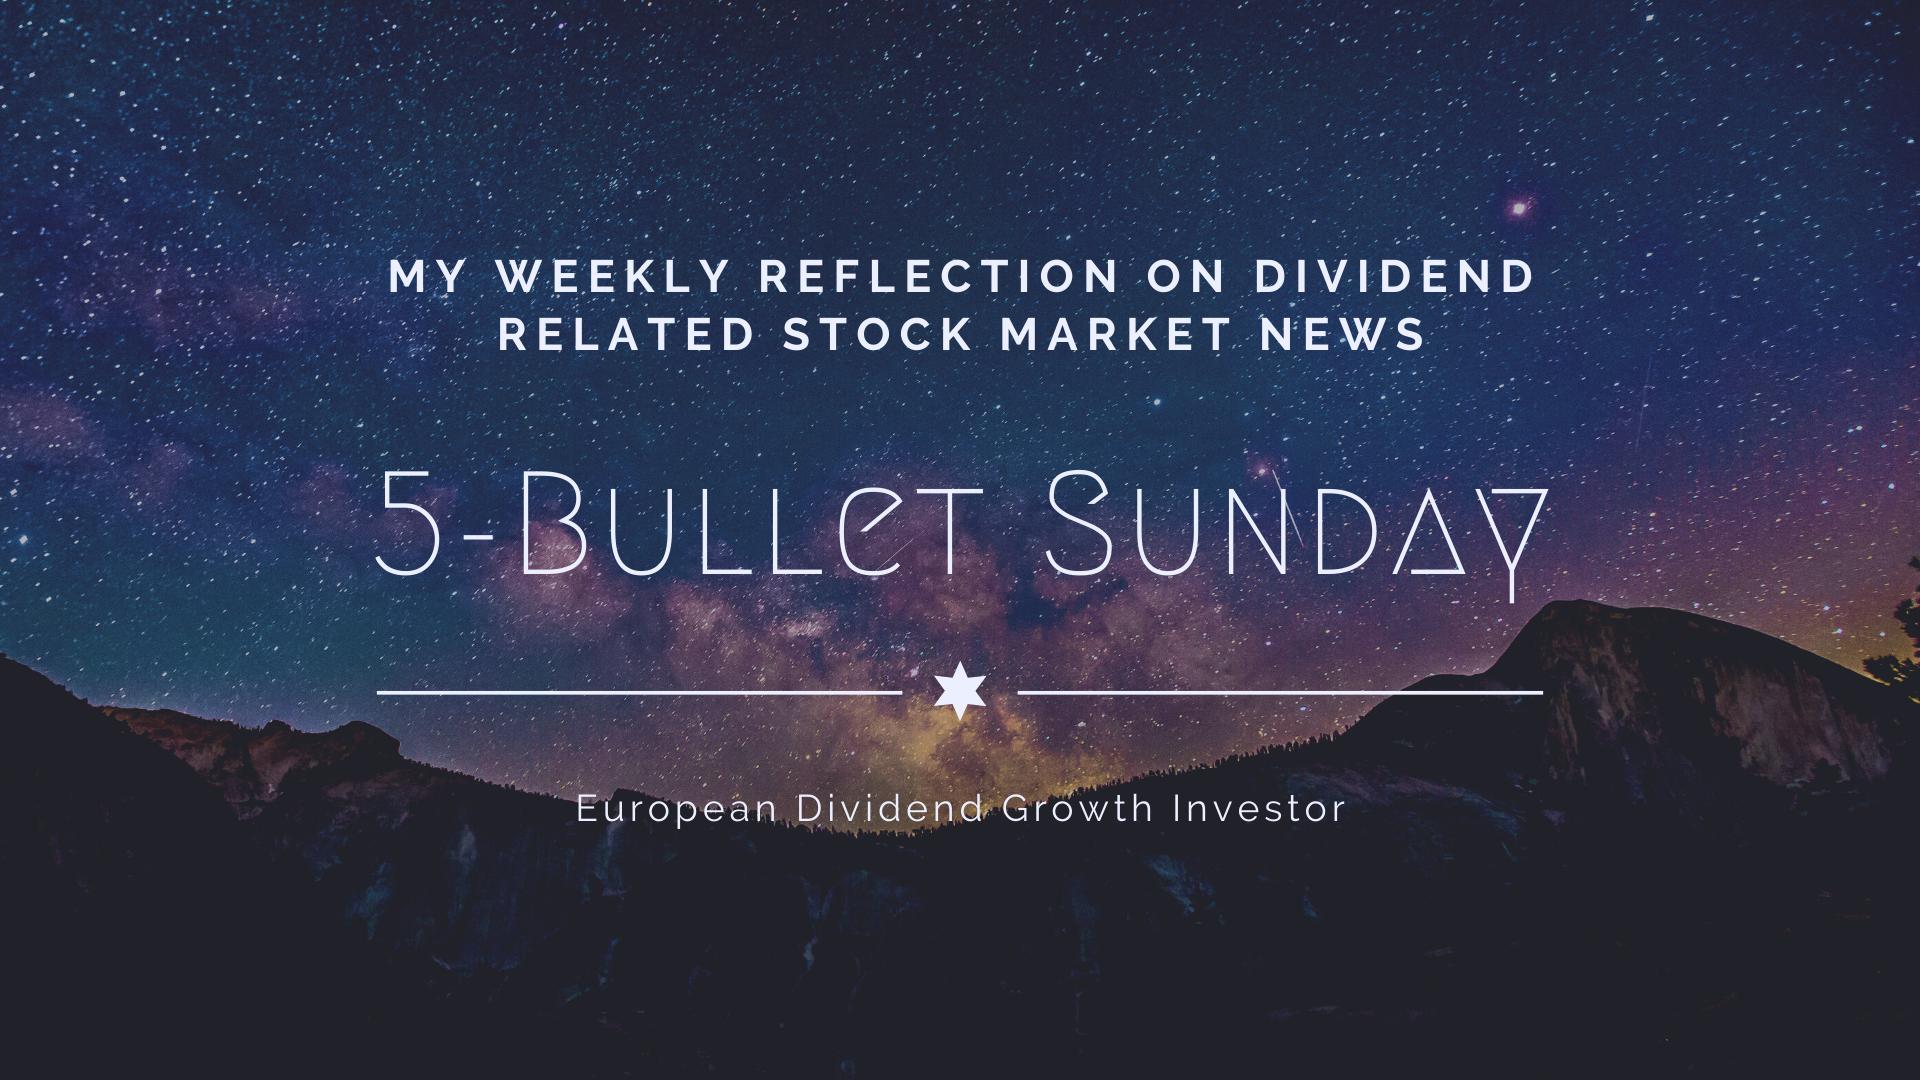 European Dividend Growth Investor